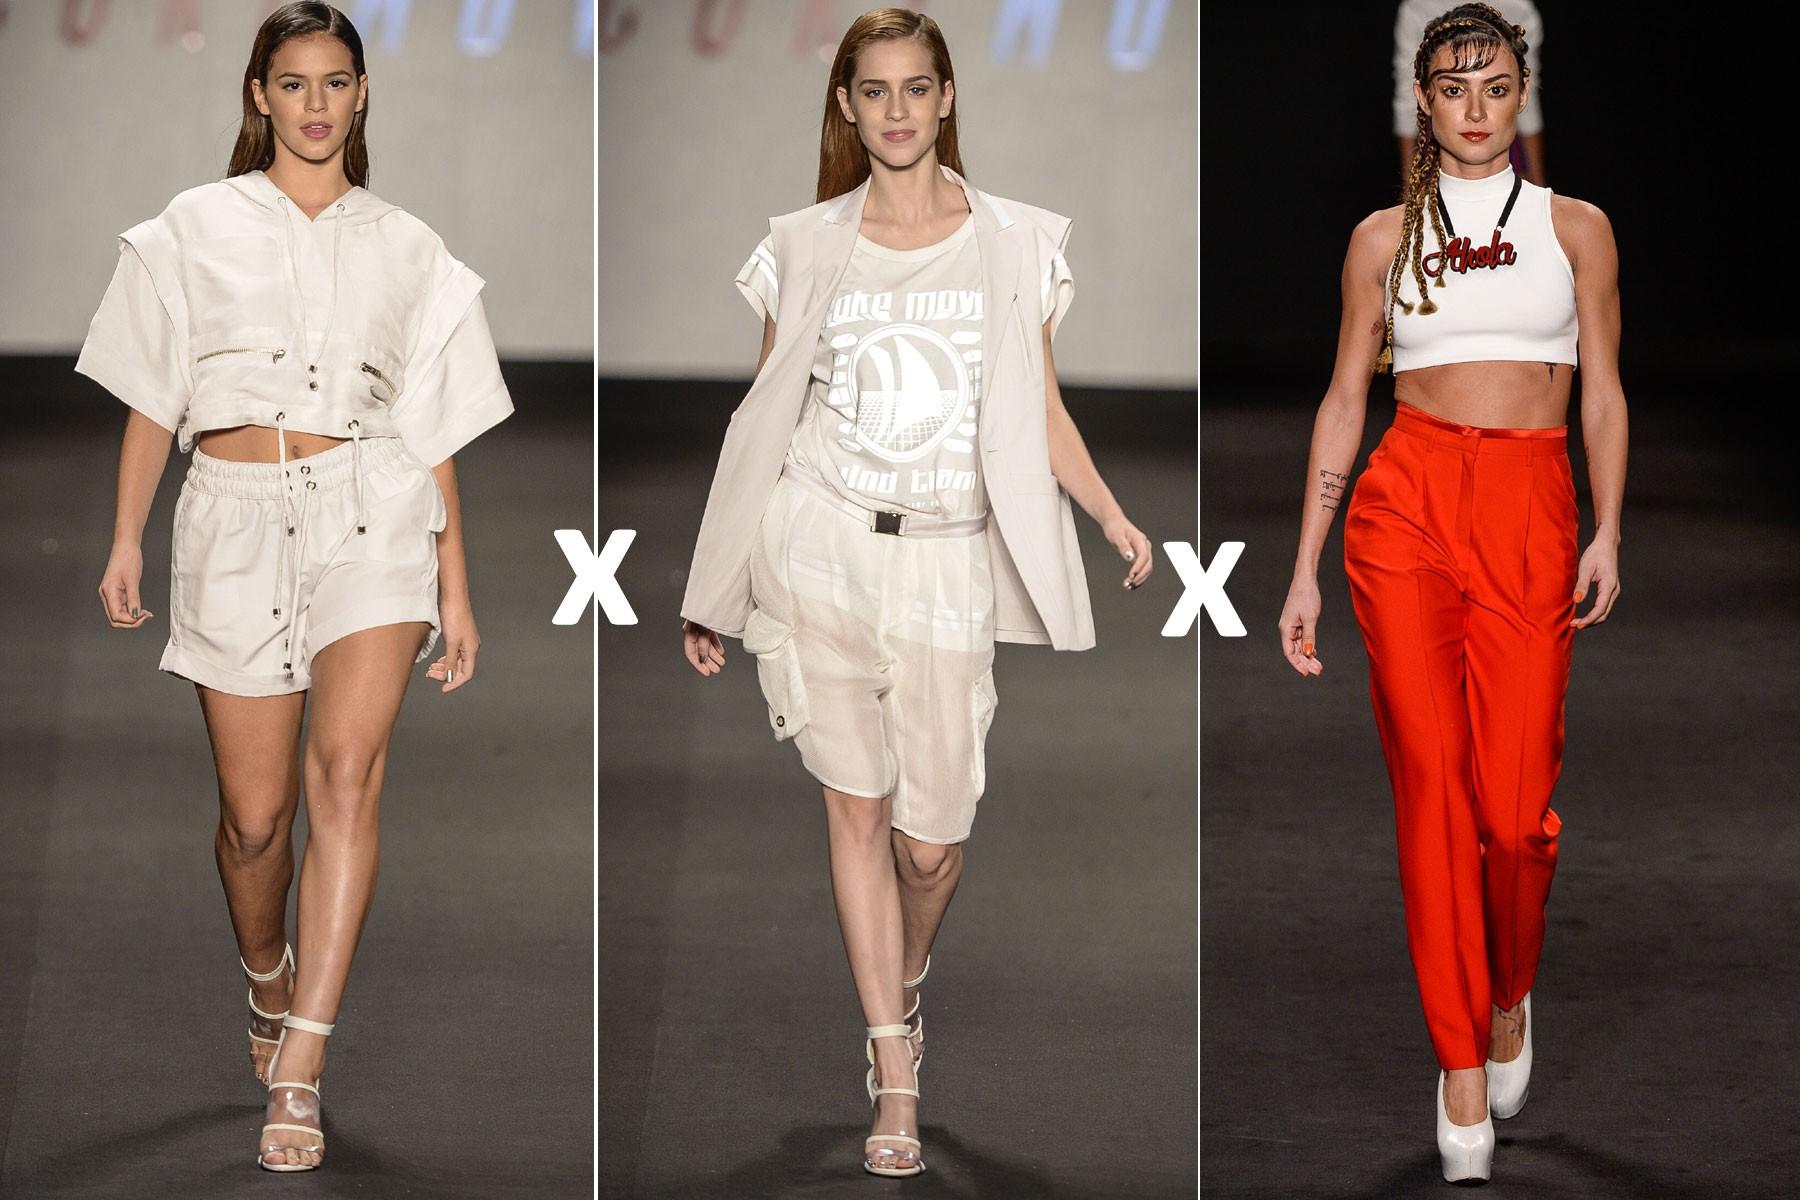 Batalha da famosas: Bruna Marquezine, Sophia Abrahão ou Thaila Ayala, quem se saiu melhor na passarela do Fashion Rio?